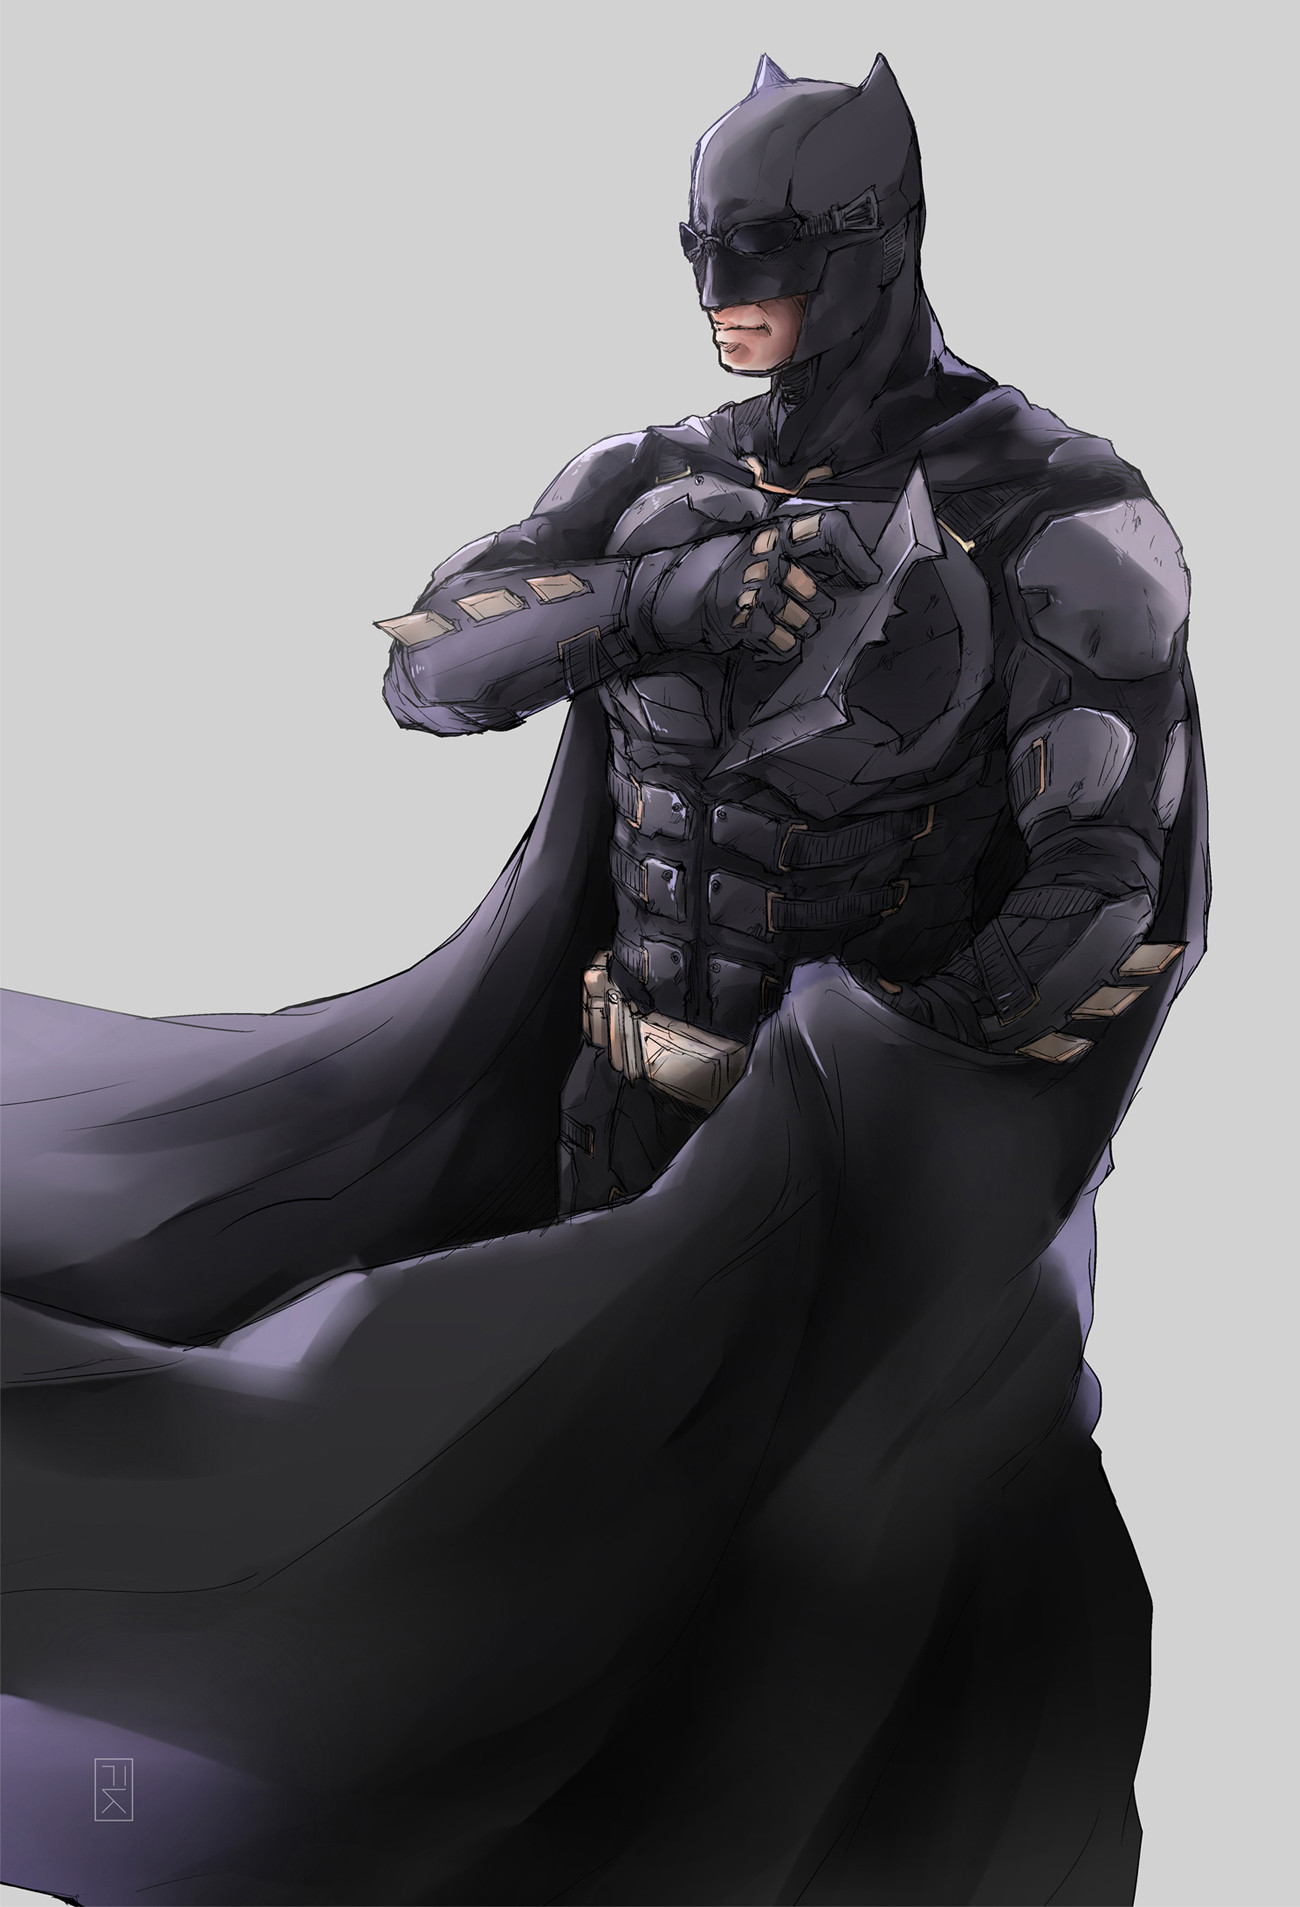 Mieux vaut se savoir un ami dans l'ombre, que demeurer seul en pleine lumière (Batman)  Fianto-kargono-tactical-batsuit-artstation